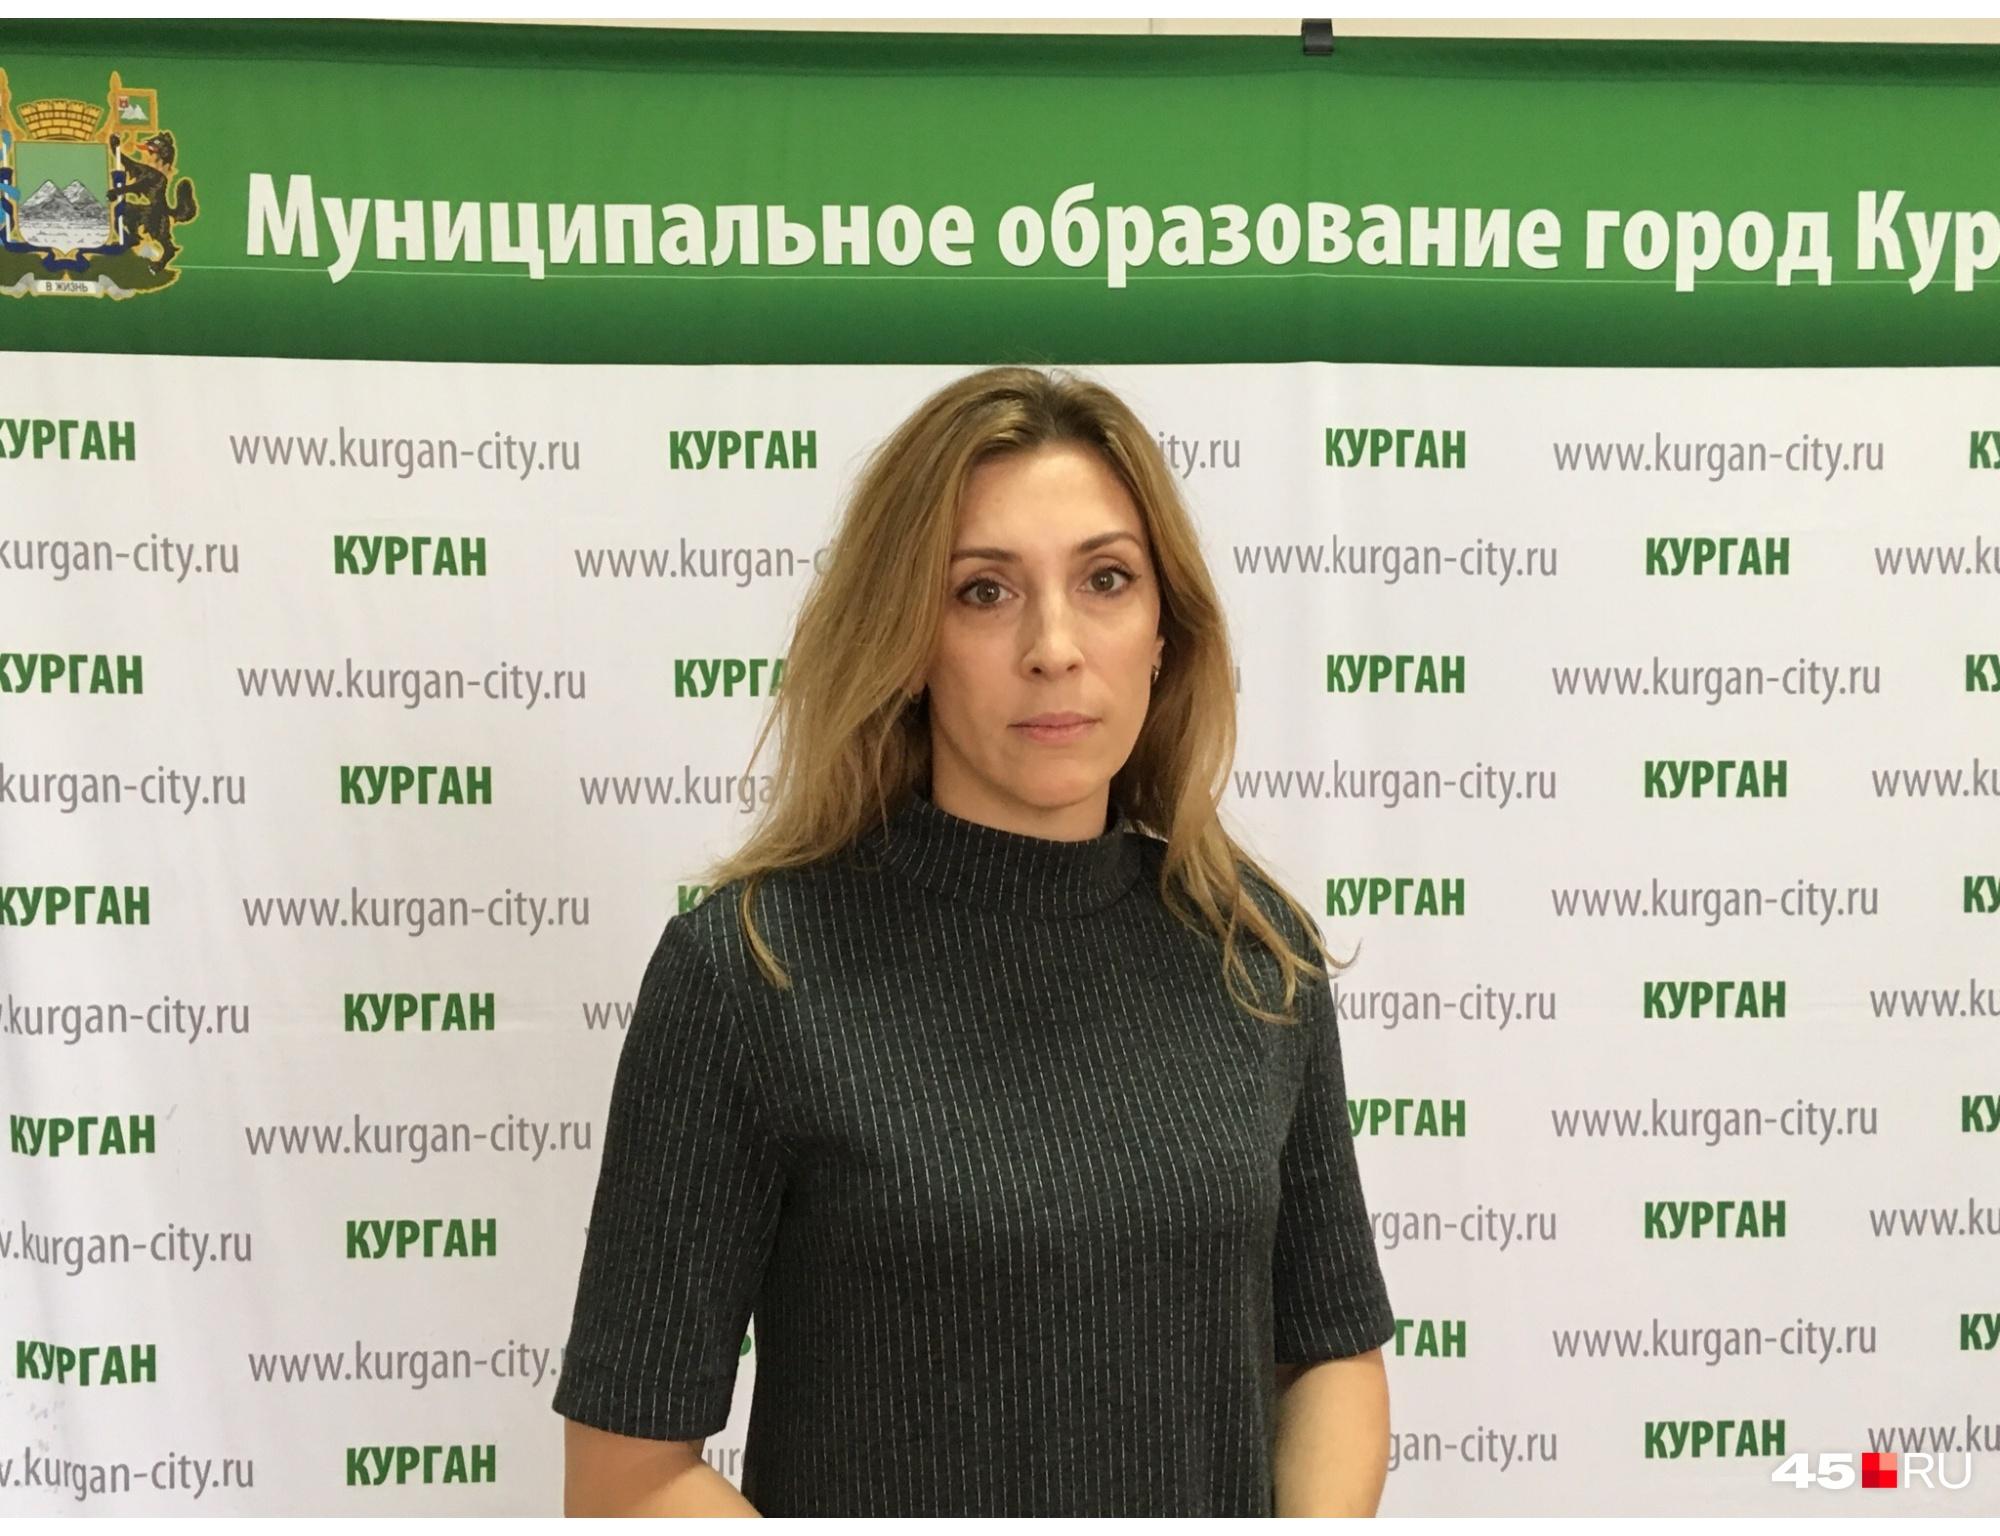 Татьяна Хильчук представляет четвертый избирательный округ